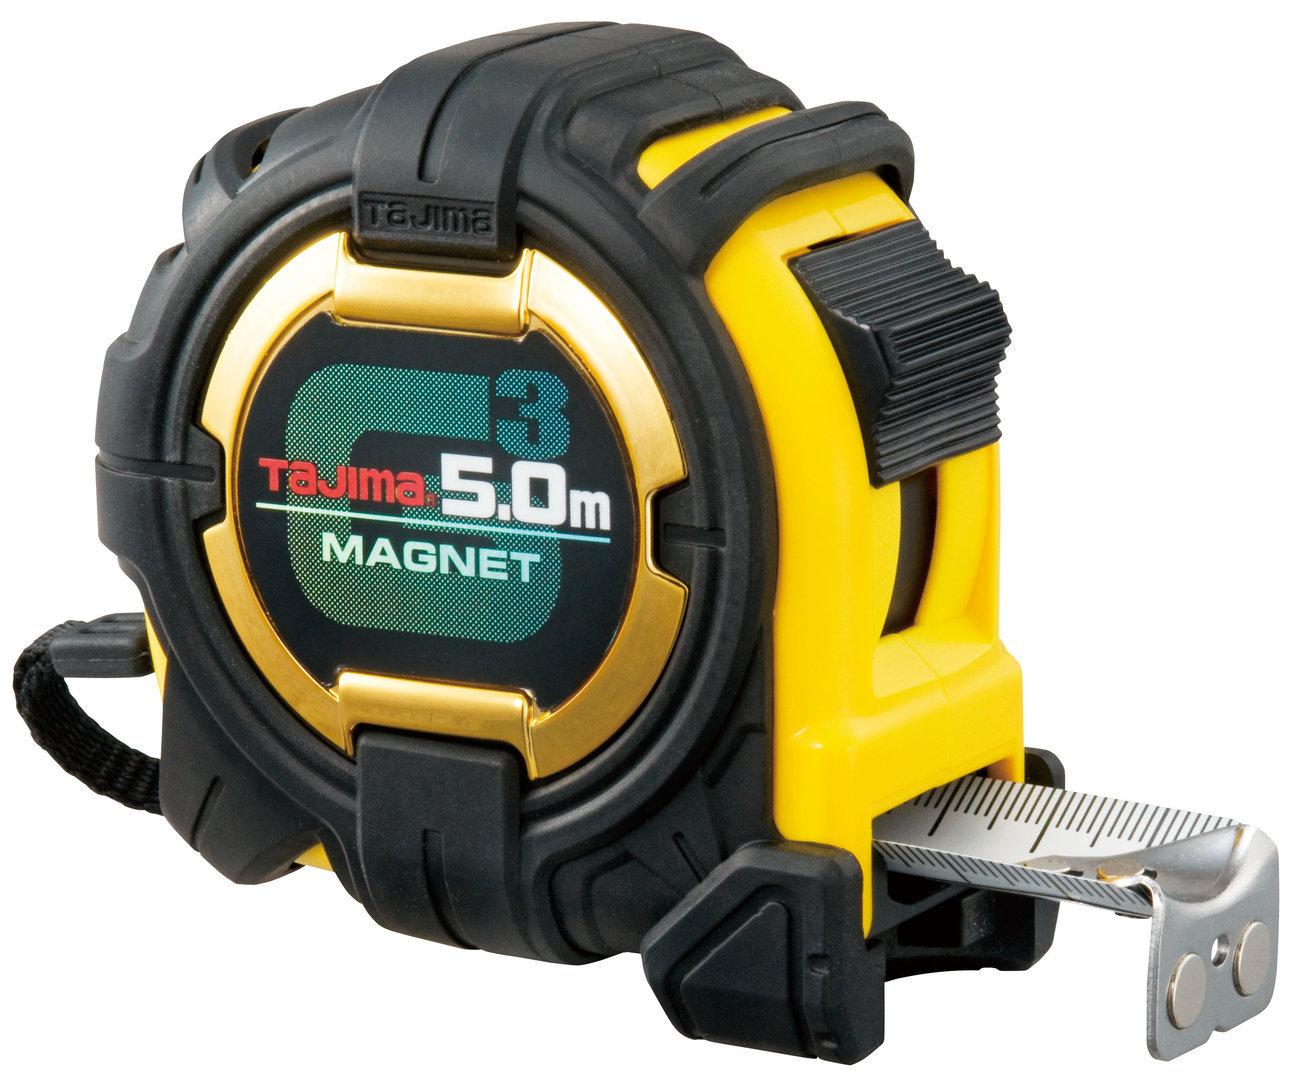 Рулетка 5м G3 Lock 27 Tajima G3M750MR